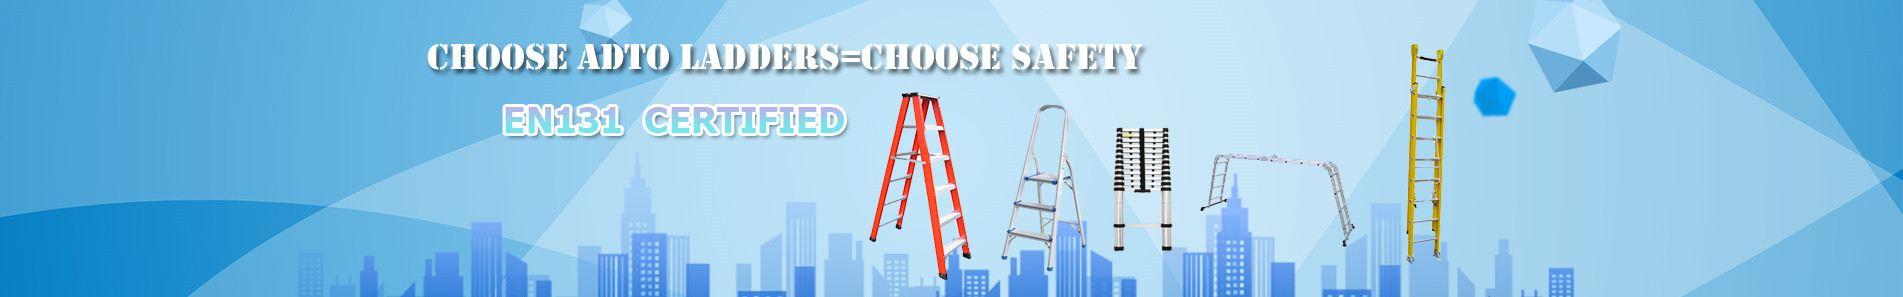 multi-purpose-ladder